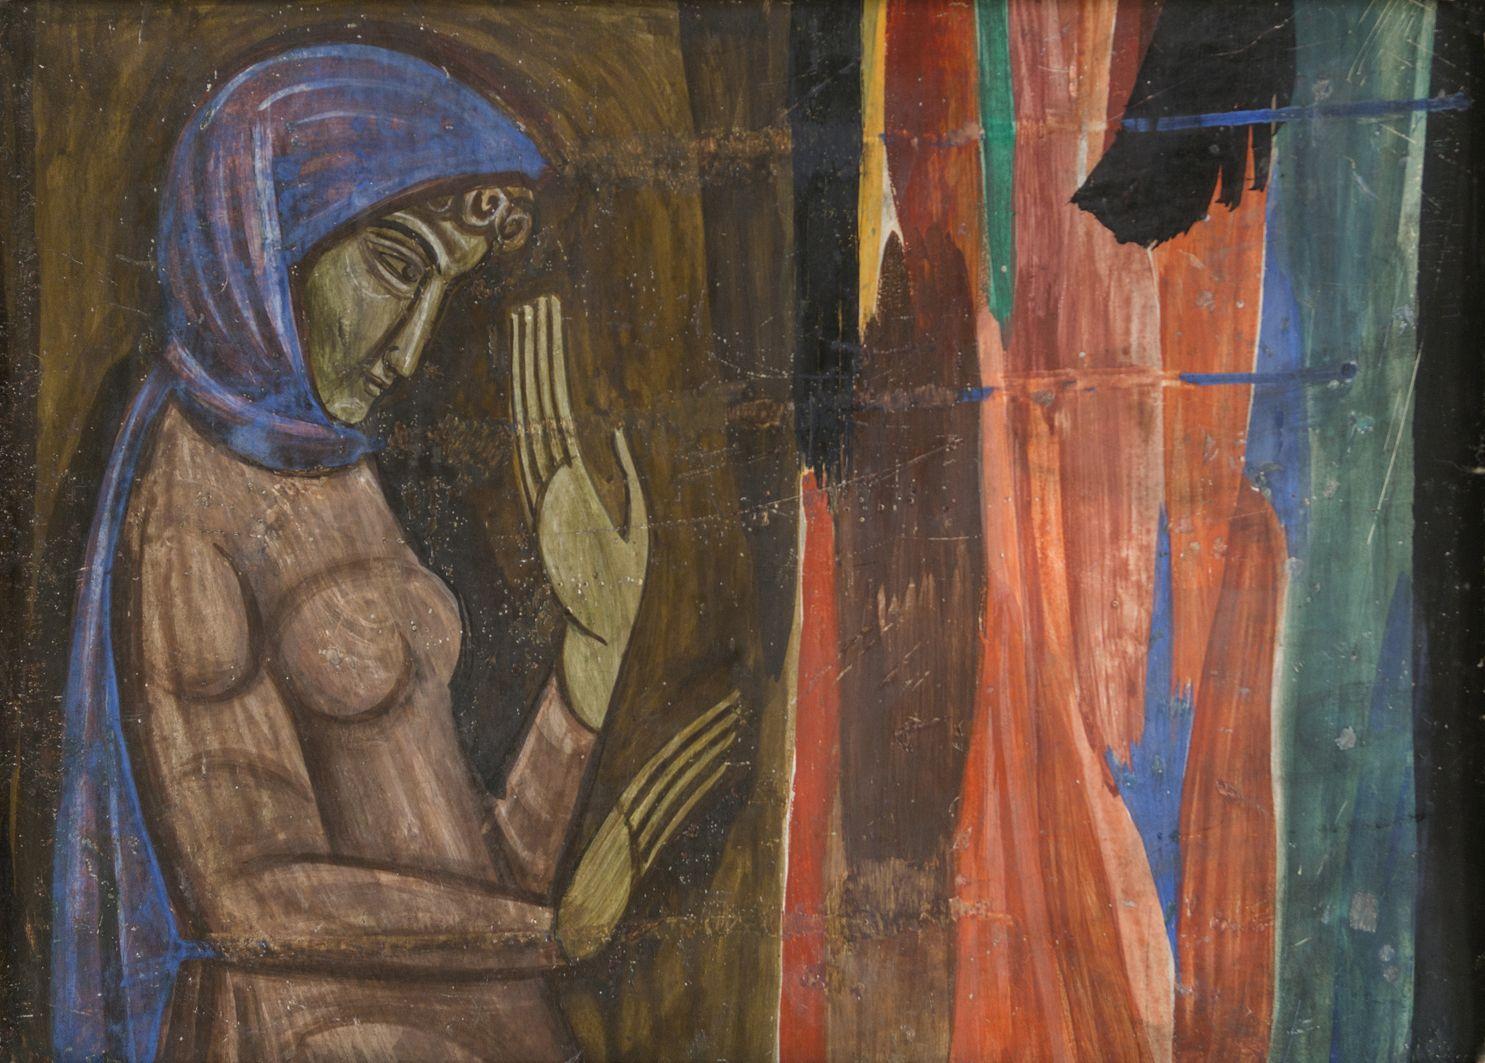 Михайло Бойчук. Дівчина перед деревом, 1910-і; картон, темпера, акварель; ЛНГМ